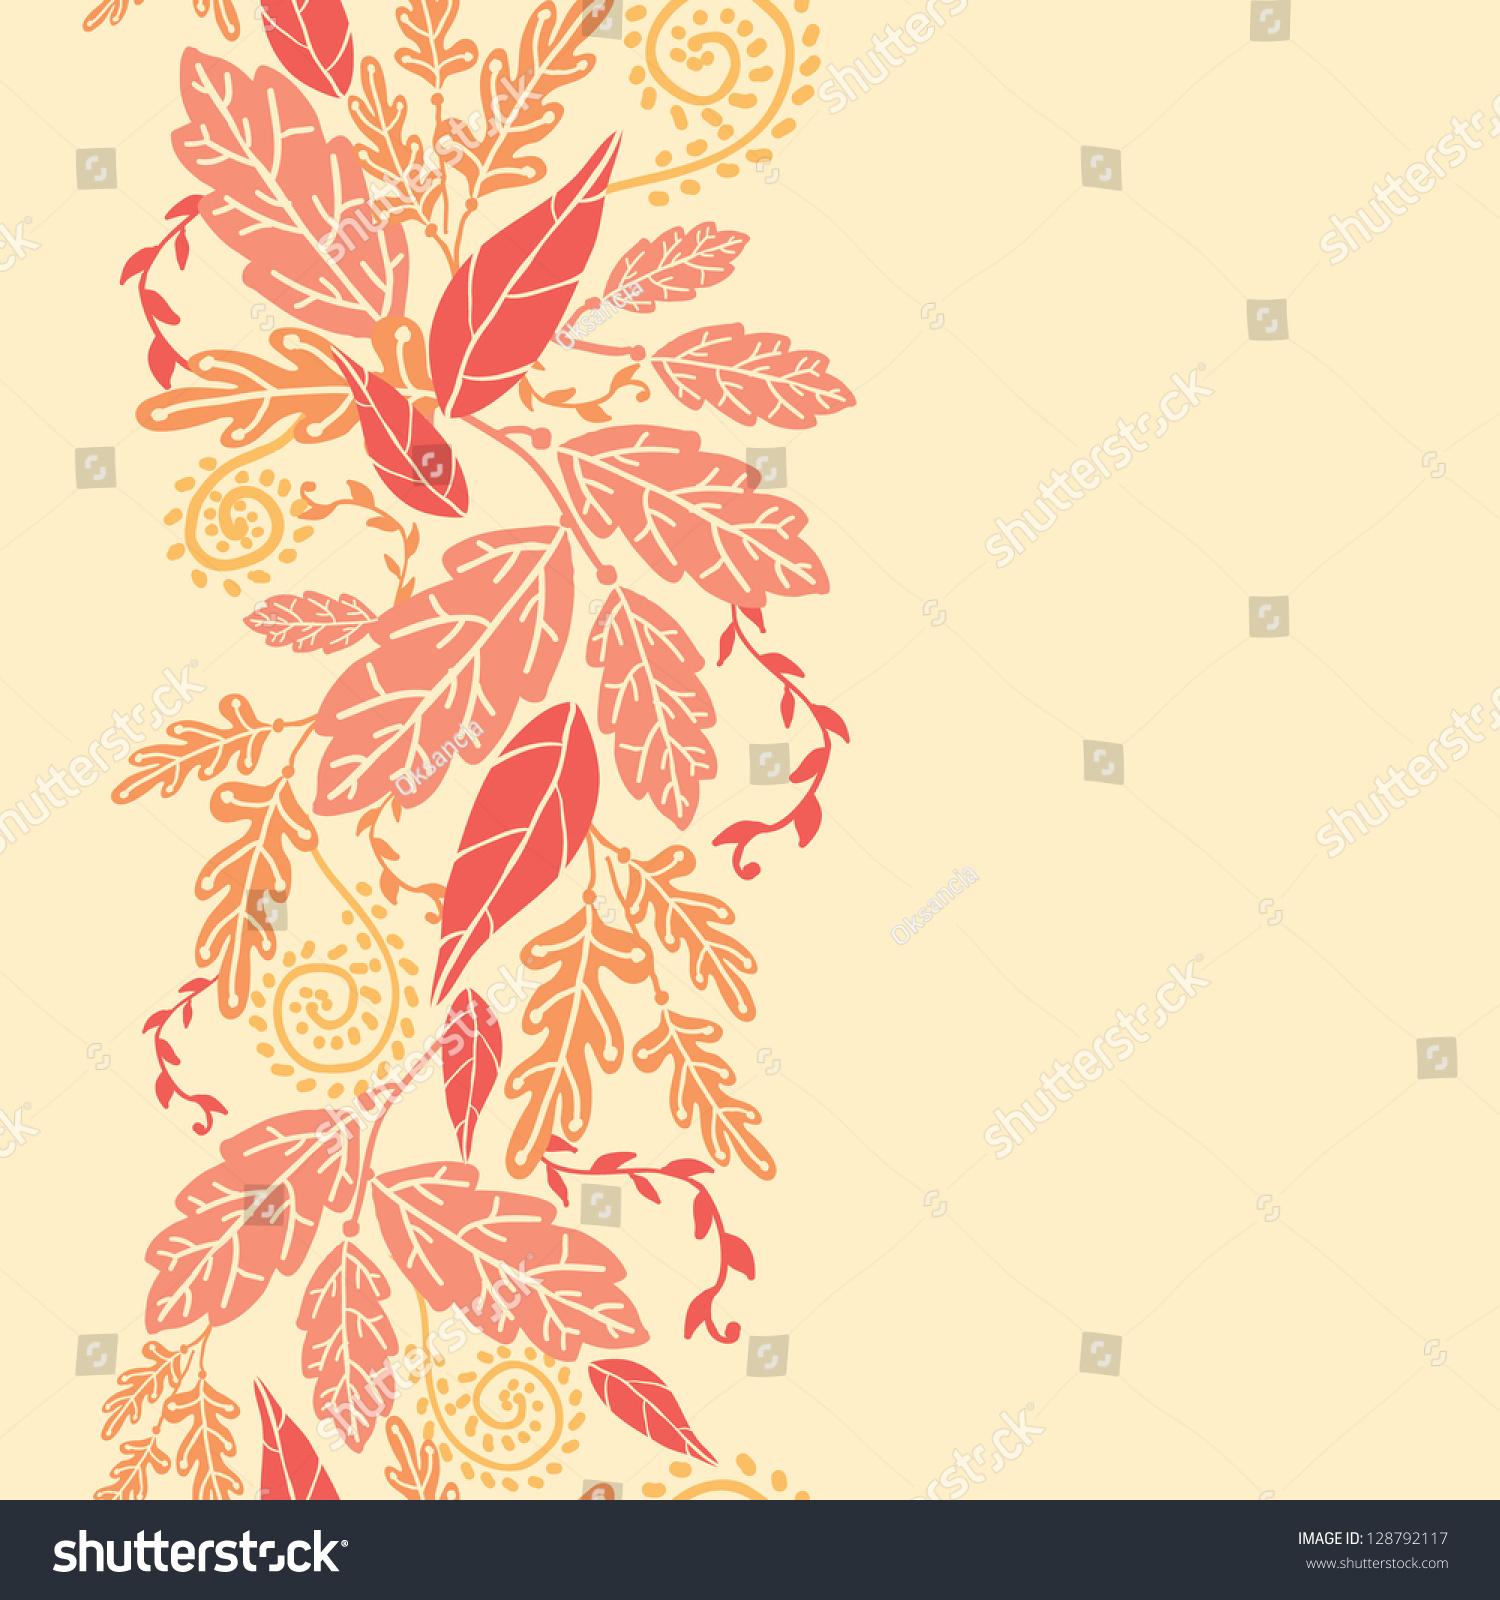 秋叶垂直无缝模式背景边界栅格-背景/素材,自然-海洛图片